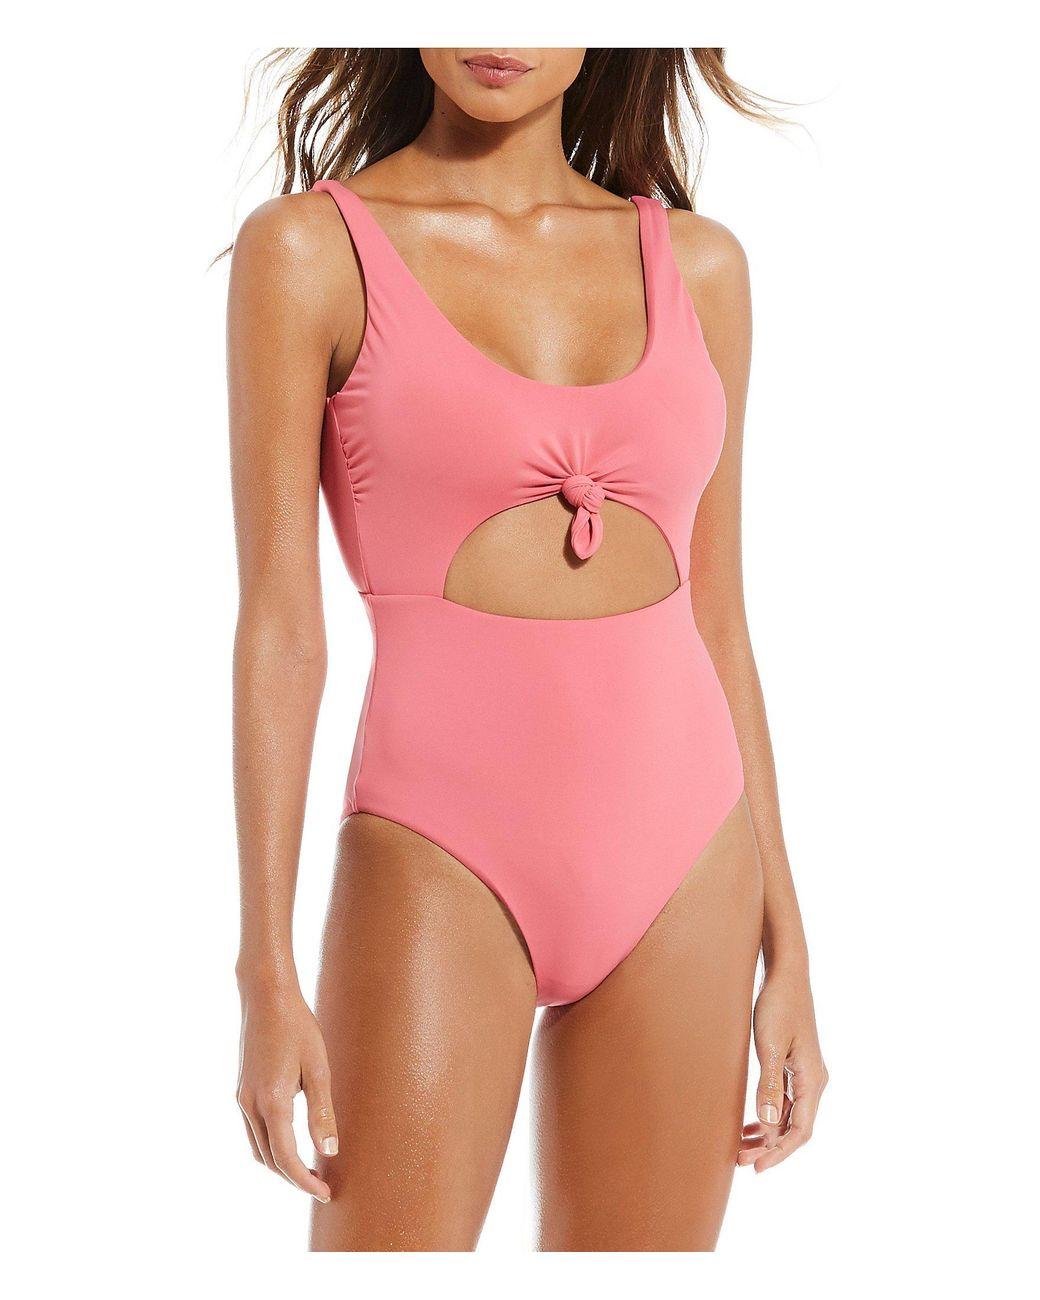 53637a1f9fcee Gianni Bini Fan Fav Knot Cutout One Piece Swimsuit in Pink - Lyst